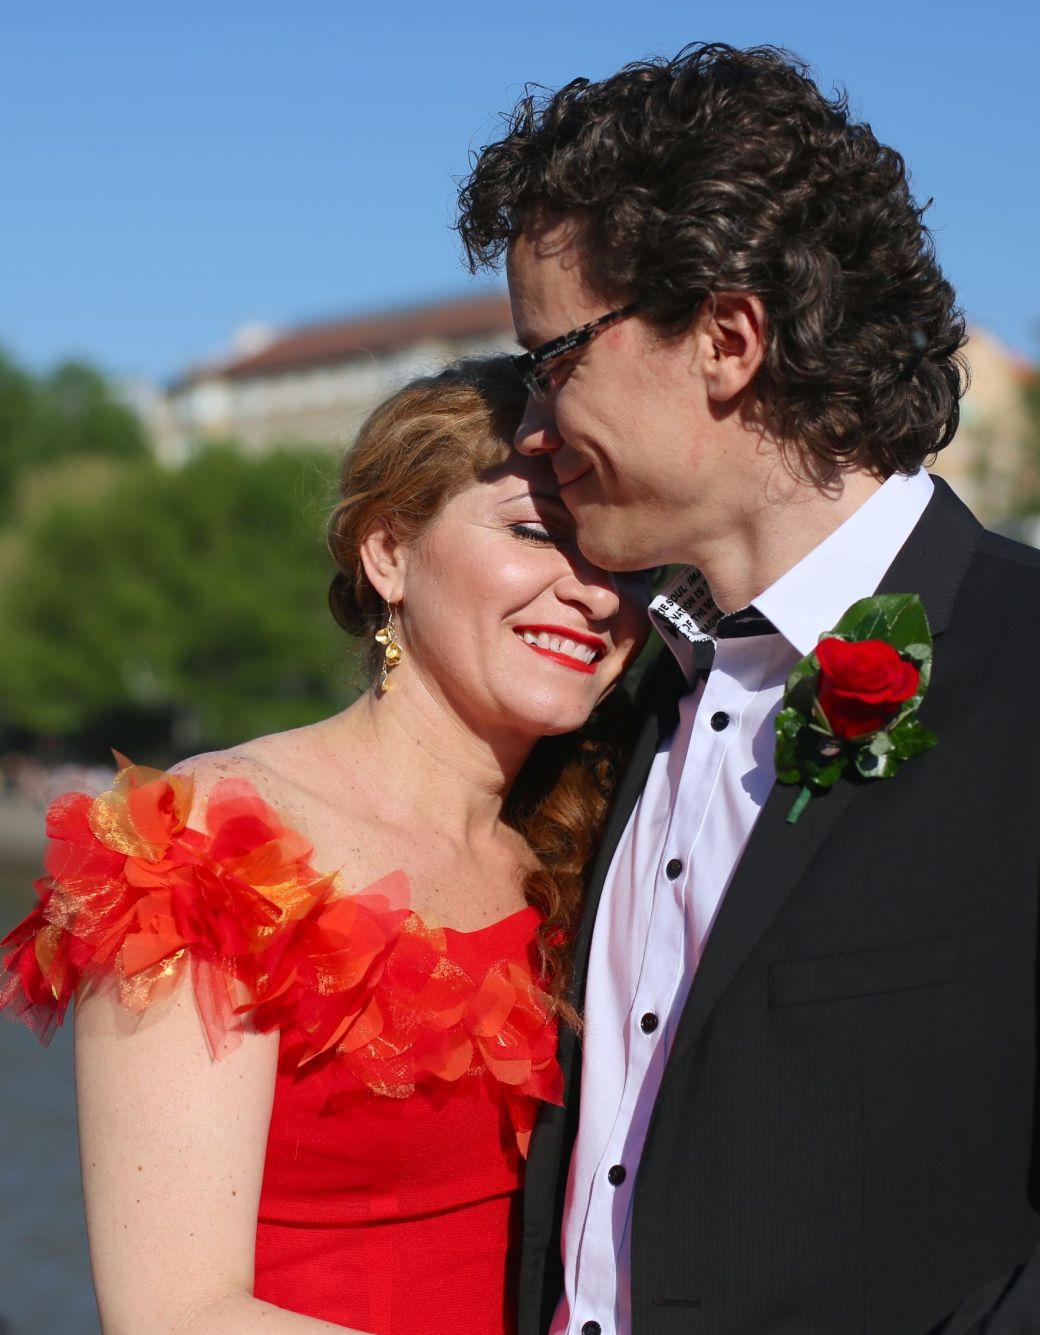 Sanokaa minä rakastan sinua, FinInTirol   Tarinaa rakkaudesta ja 7 opetusta parisuhteeseen